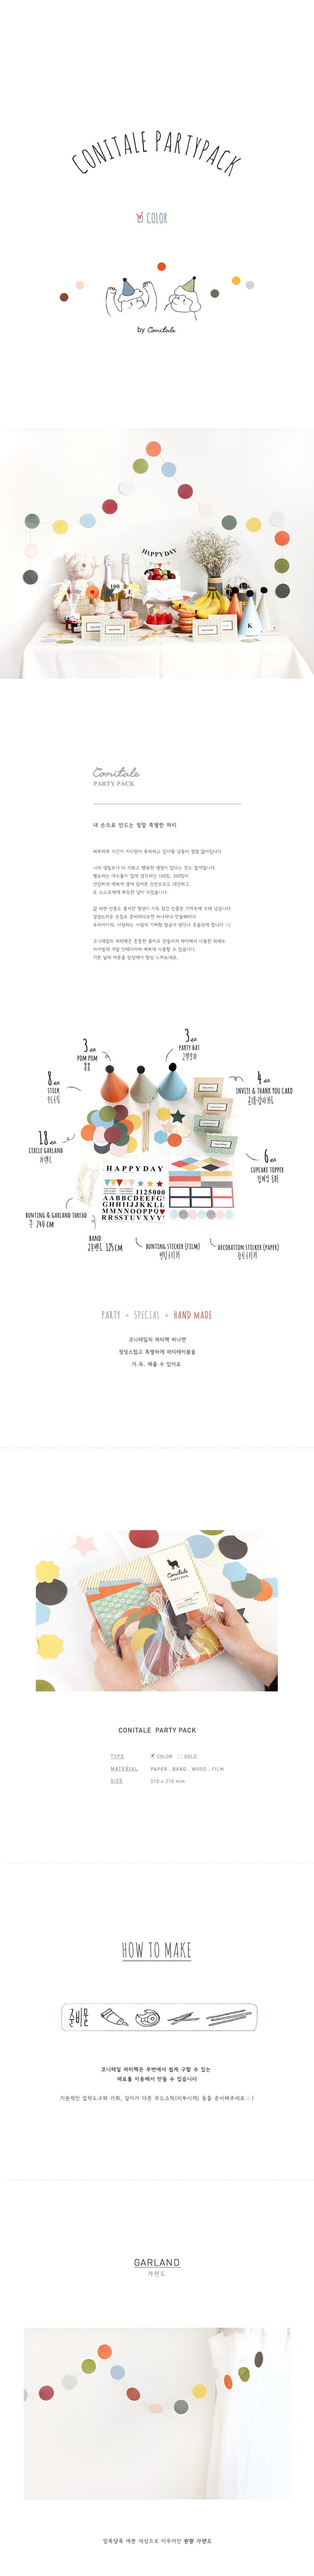 텐바이텐 10X10 : 코니테일 파티팩 - 컬러_(196307)